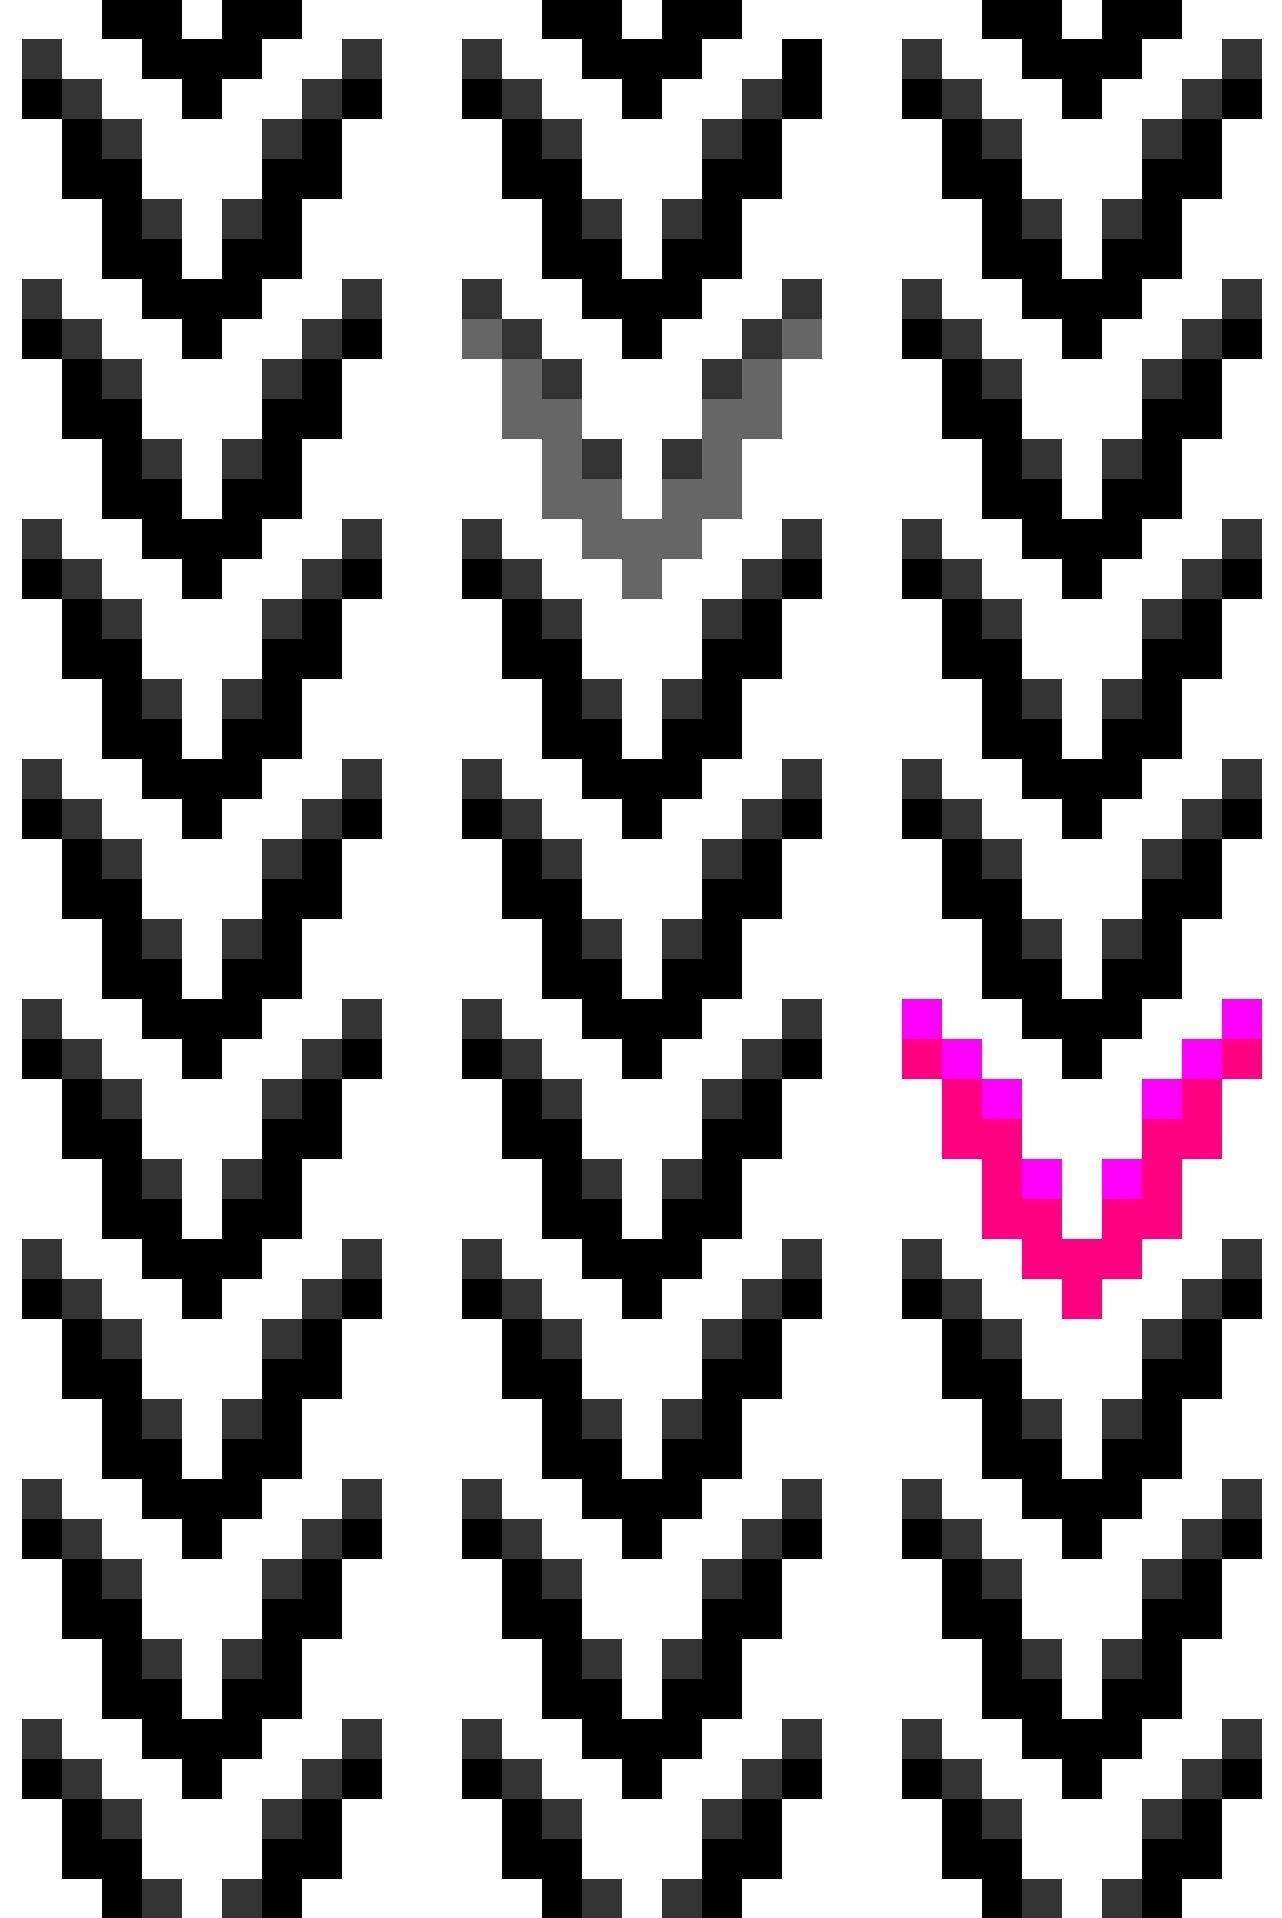 Volkstricken: 365 Days of Pattern, Day 13